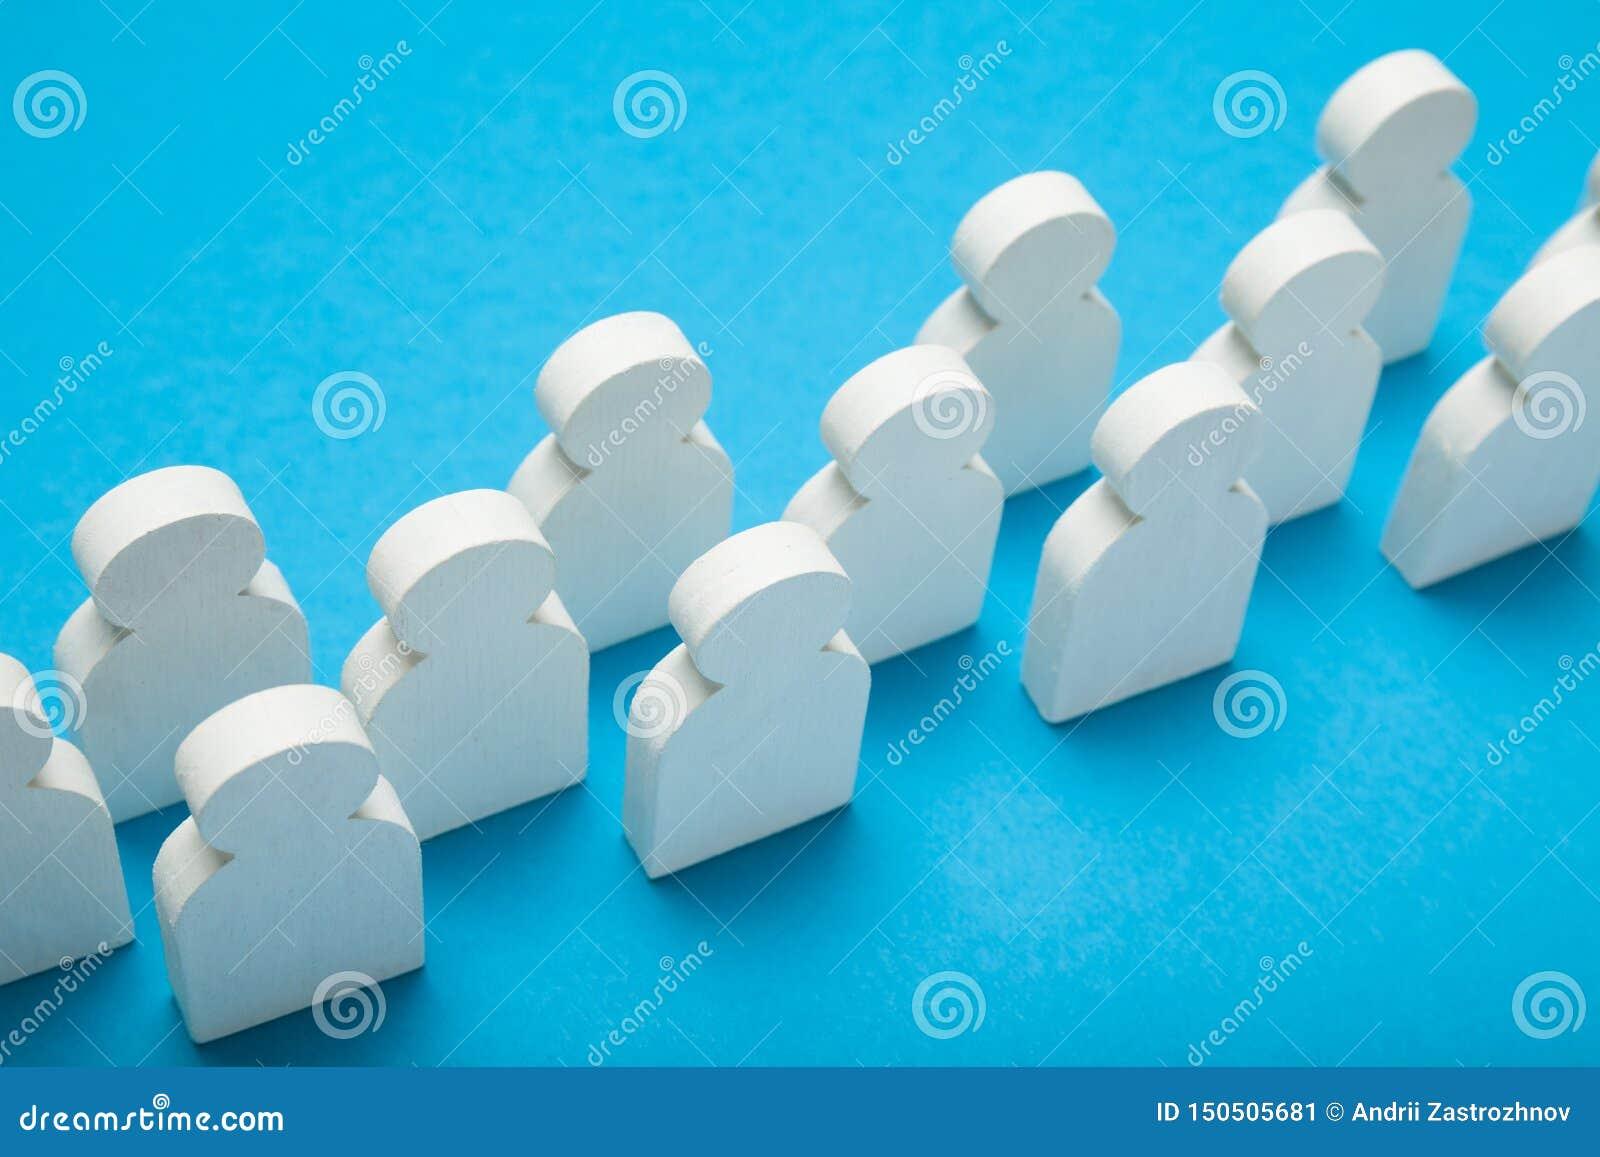 Społeczeństwo społeczności pojęcie, biznes drużyna, grupa